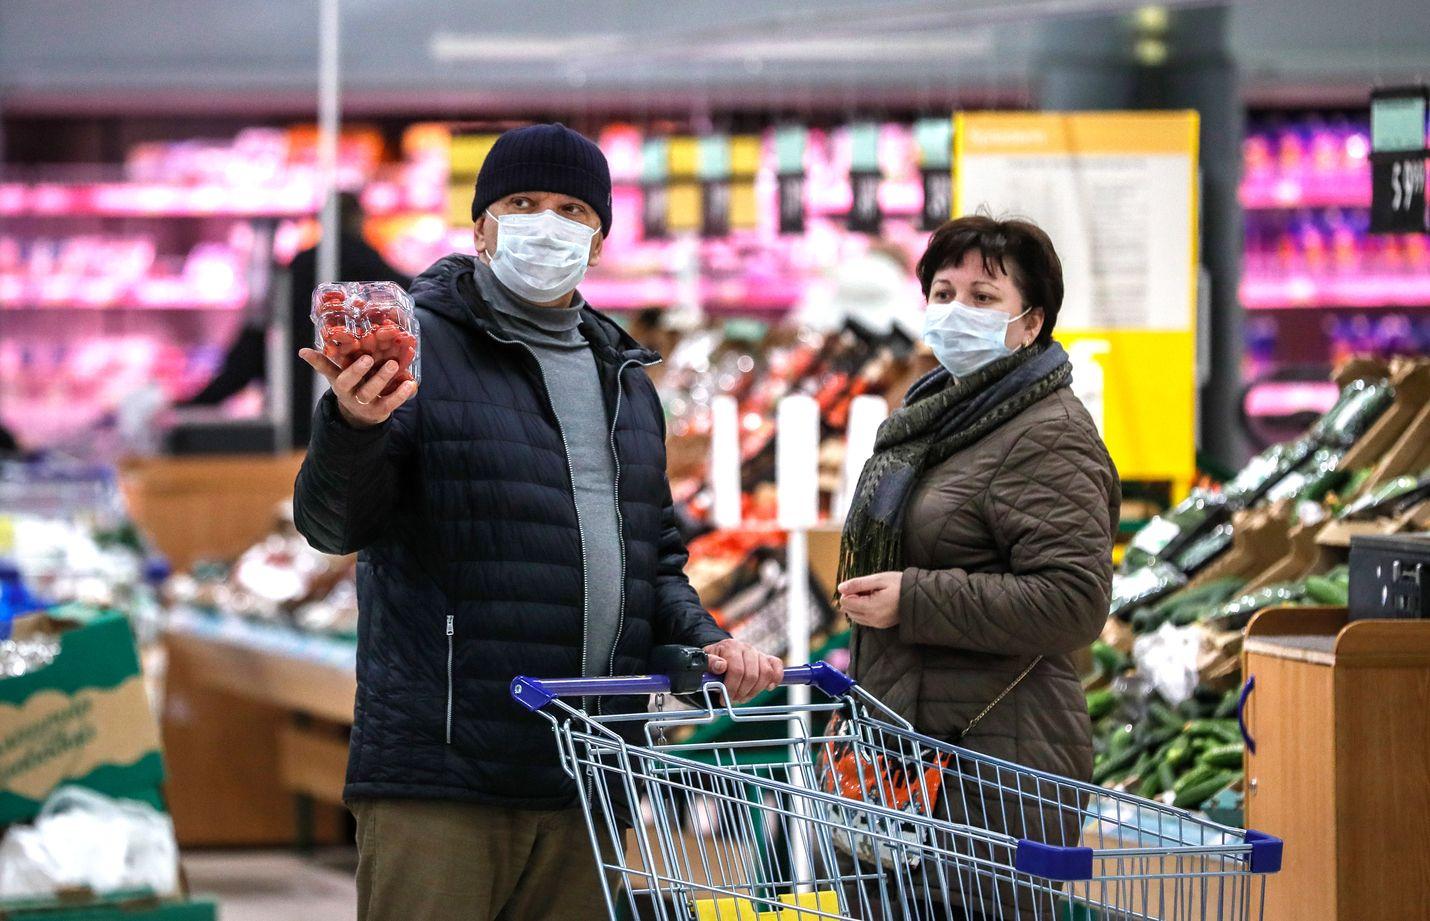 Moskovalaisia ruokaostoksilla perjantaina. Merkittävä osa venäläisyrityksistä ei välttämättä pysty jatkamaan toimintaansa normaalisti.